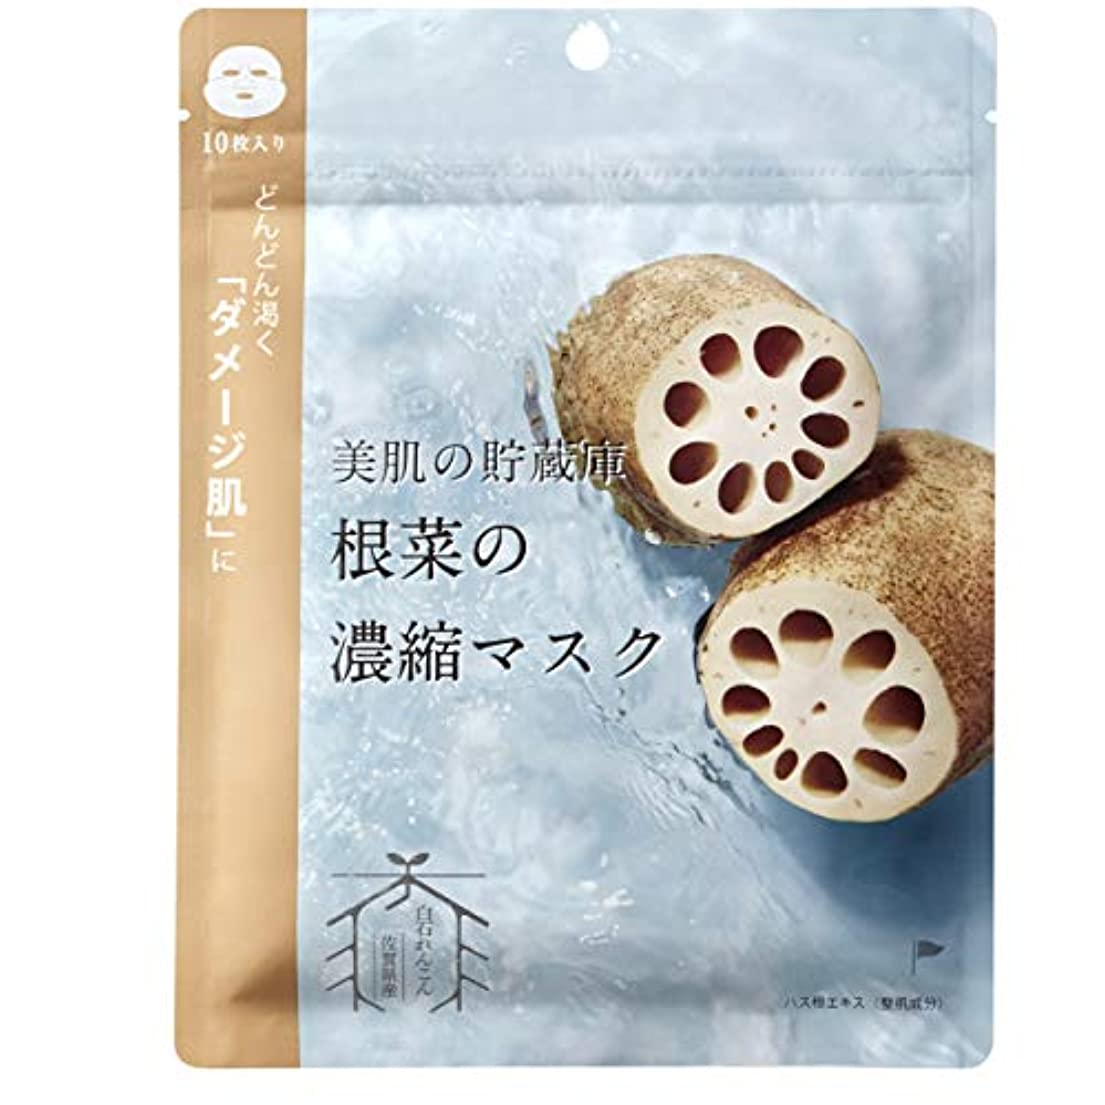 ポータブルスポット護衛@cosme nippon 美肌の貯蔵庫 根菜の濃縮マスク 白石れんこん 10枚入 160ml